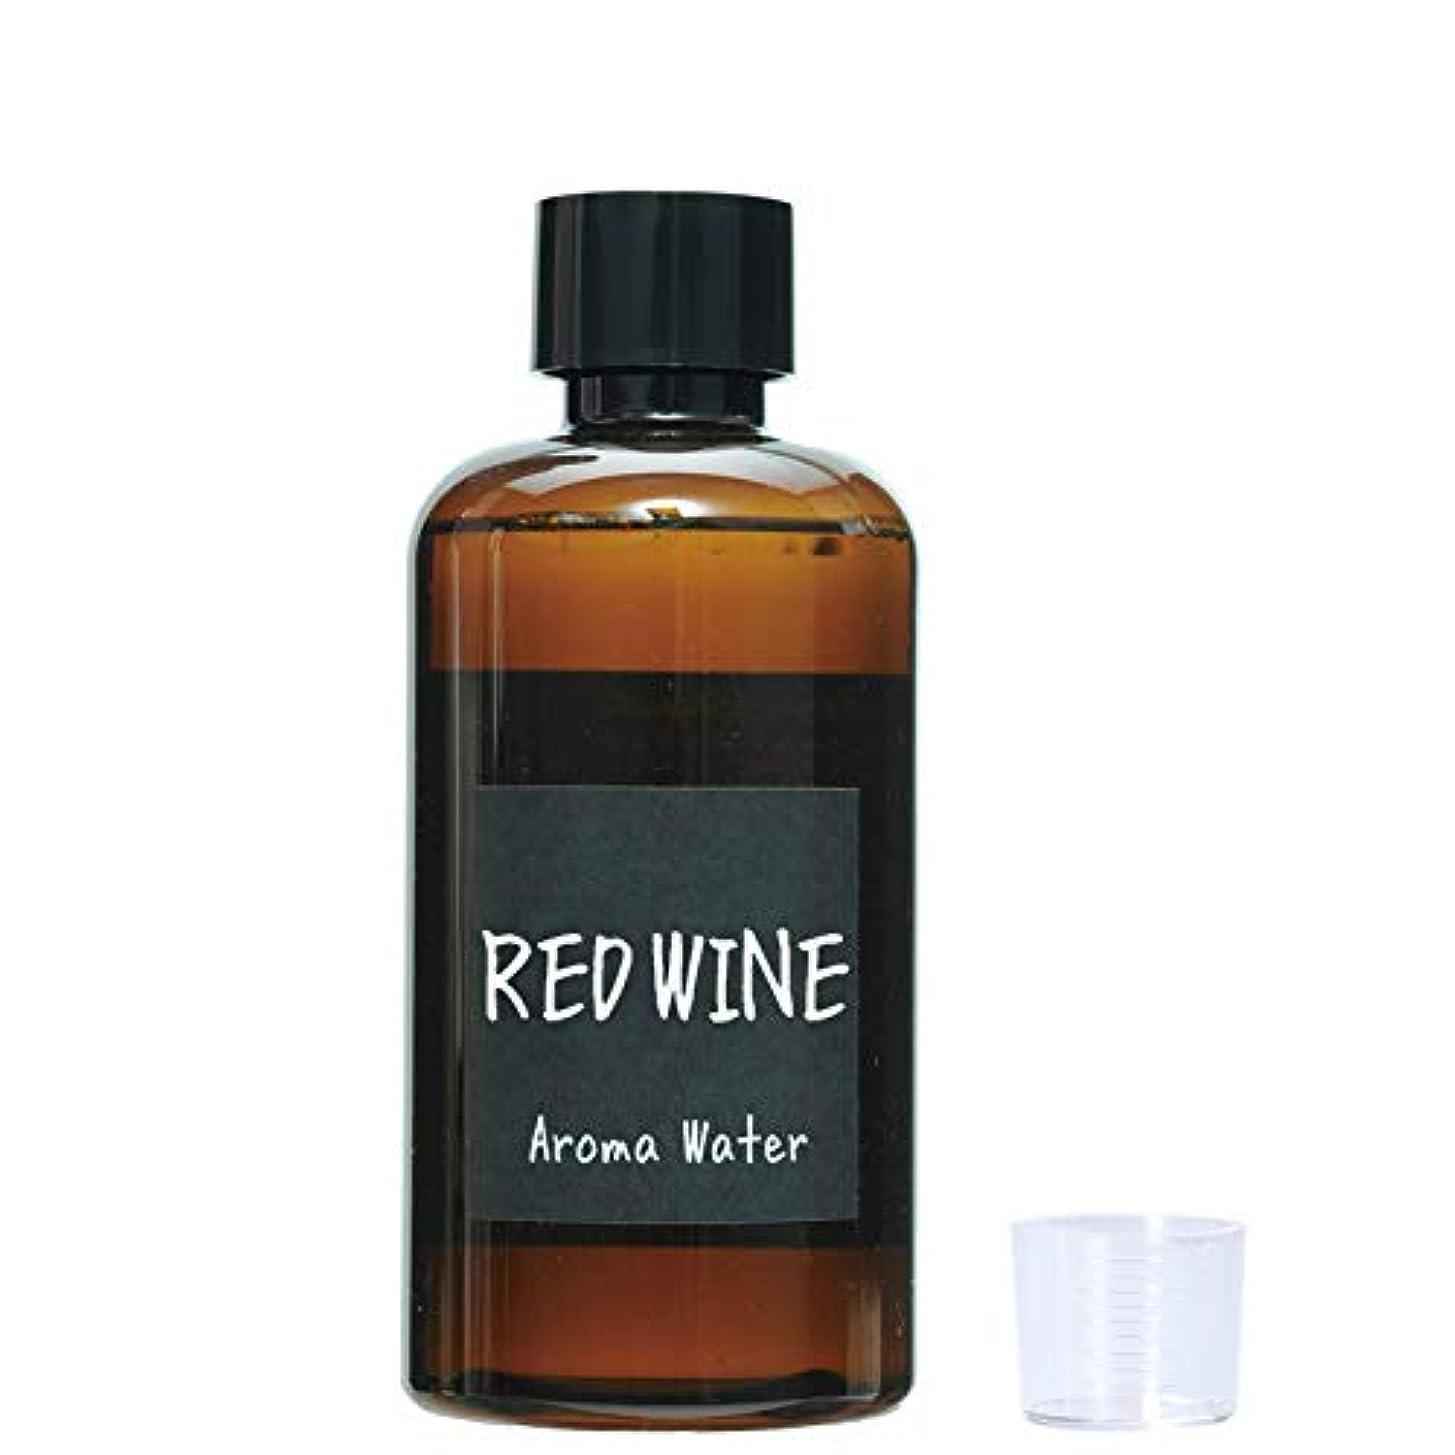 ぼろにぎやか役に立たない【計量カップ付き】John's Blend (ジョンズブレンド) アロマウォーター 520ml レッドワイン ノルコーポレーション OAJON2305 加湿器用